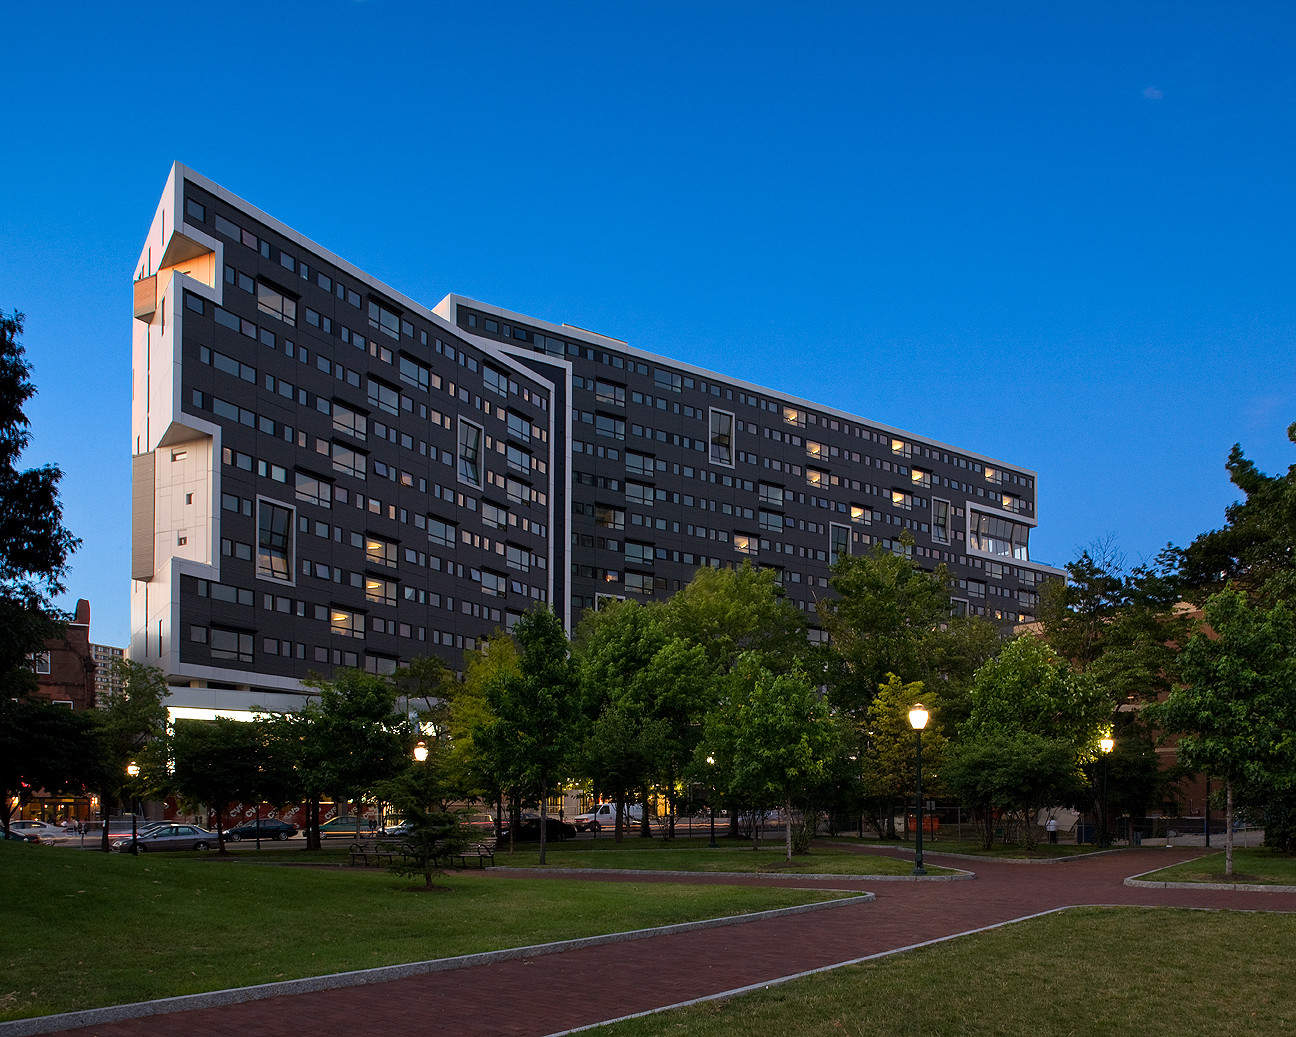 Departamentos Radian / Erdy McHenry Architecture, © Erdy McHenry Architecture